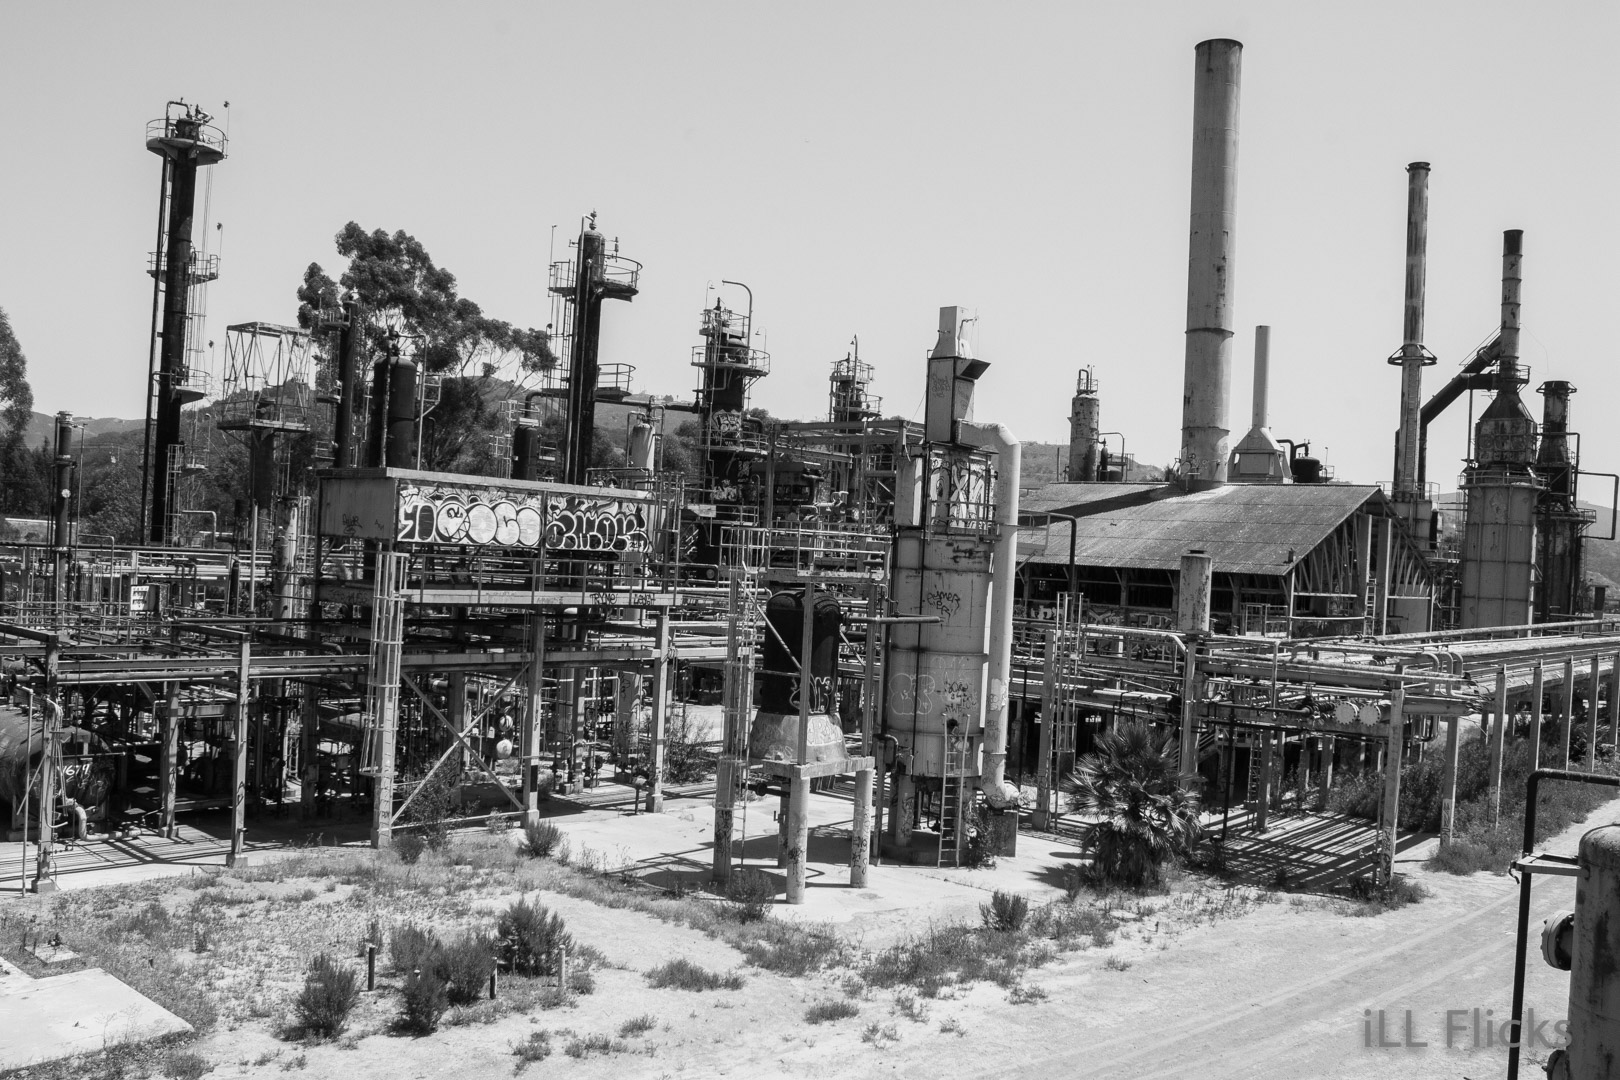 Petrochem by Shell